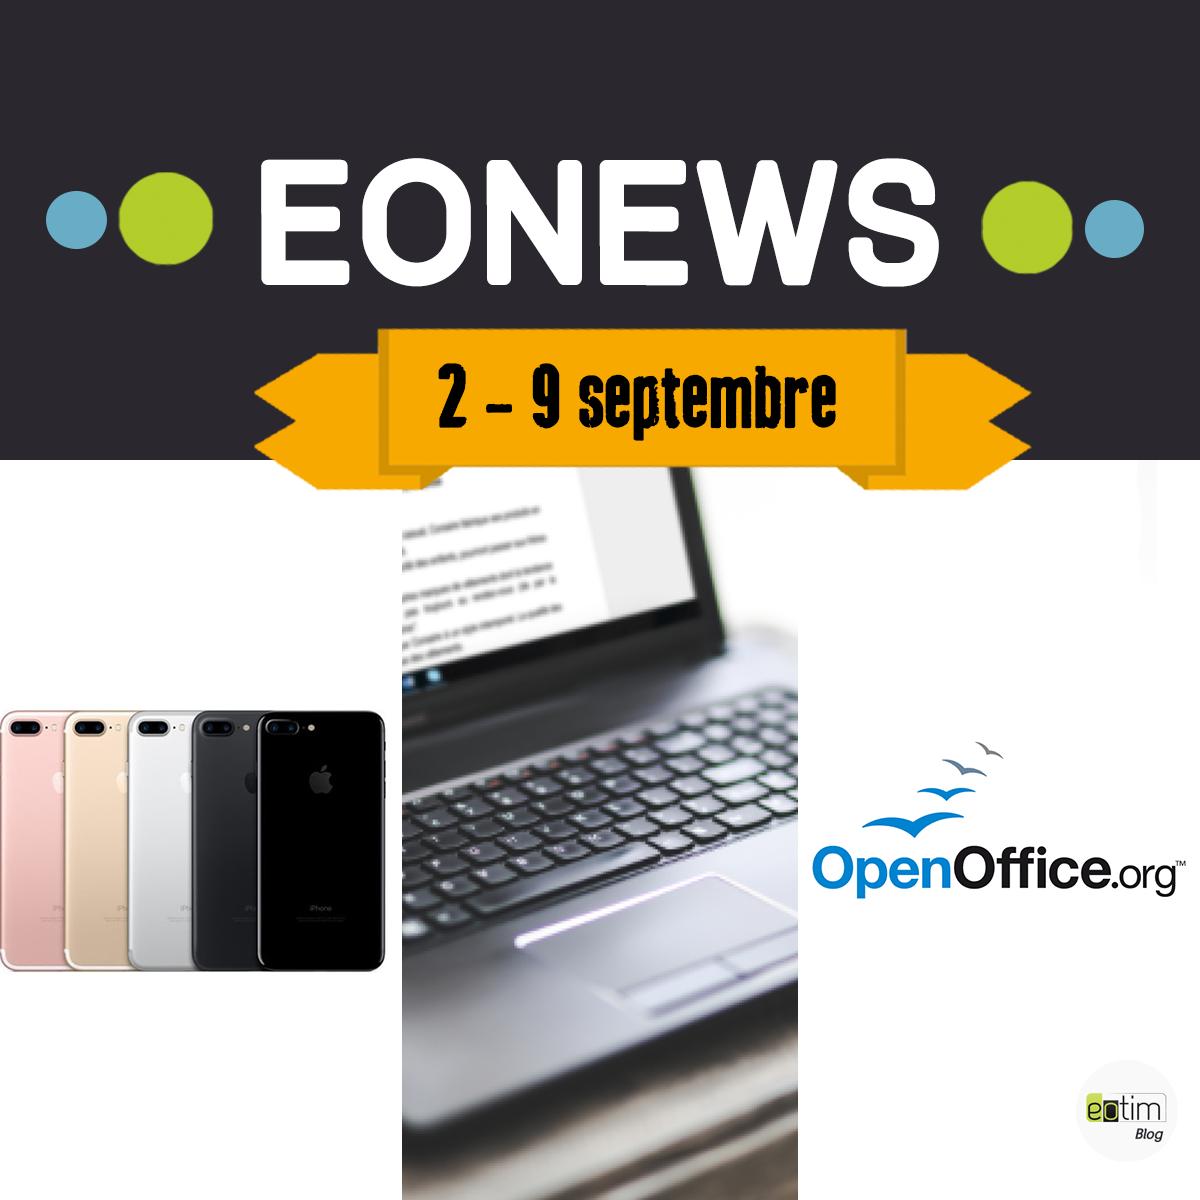 Eonews : l'essentiel de la semaine (2 - 9 septembre)